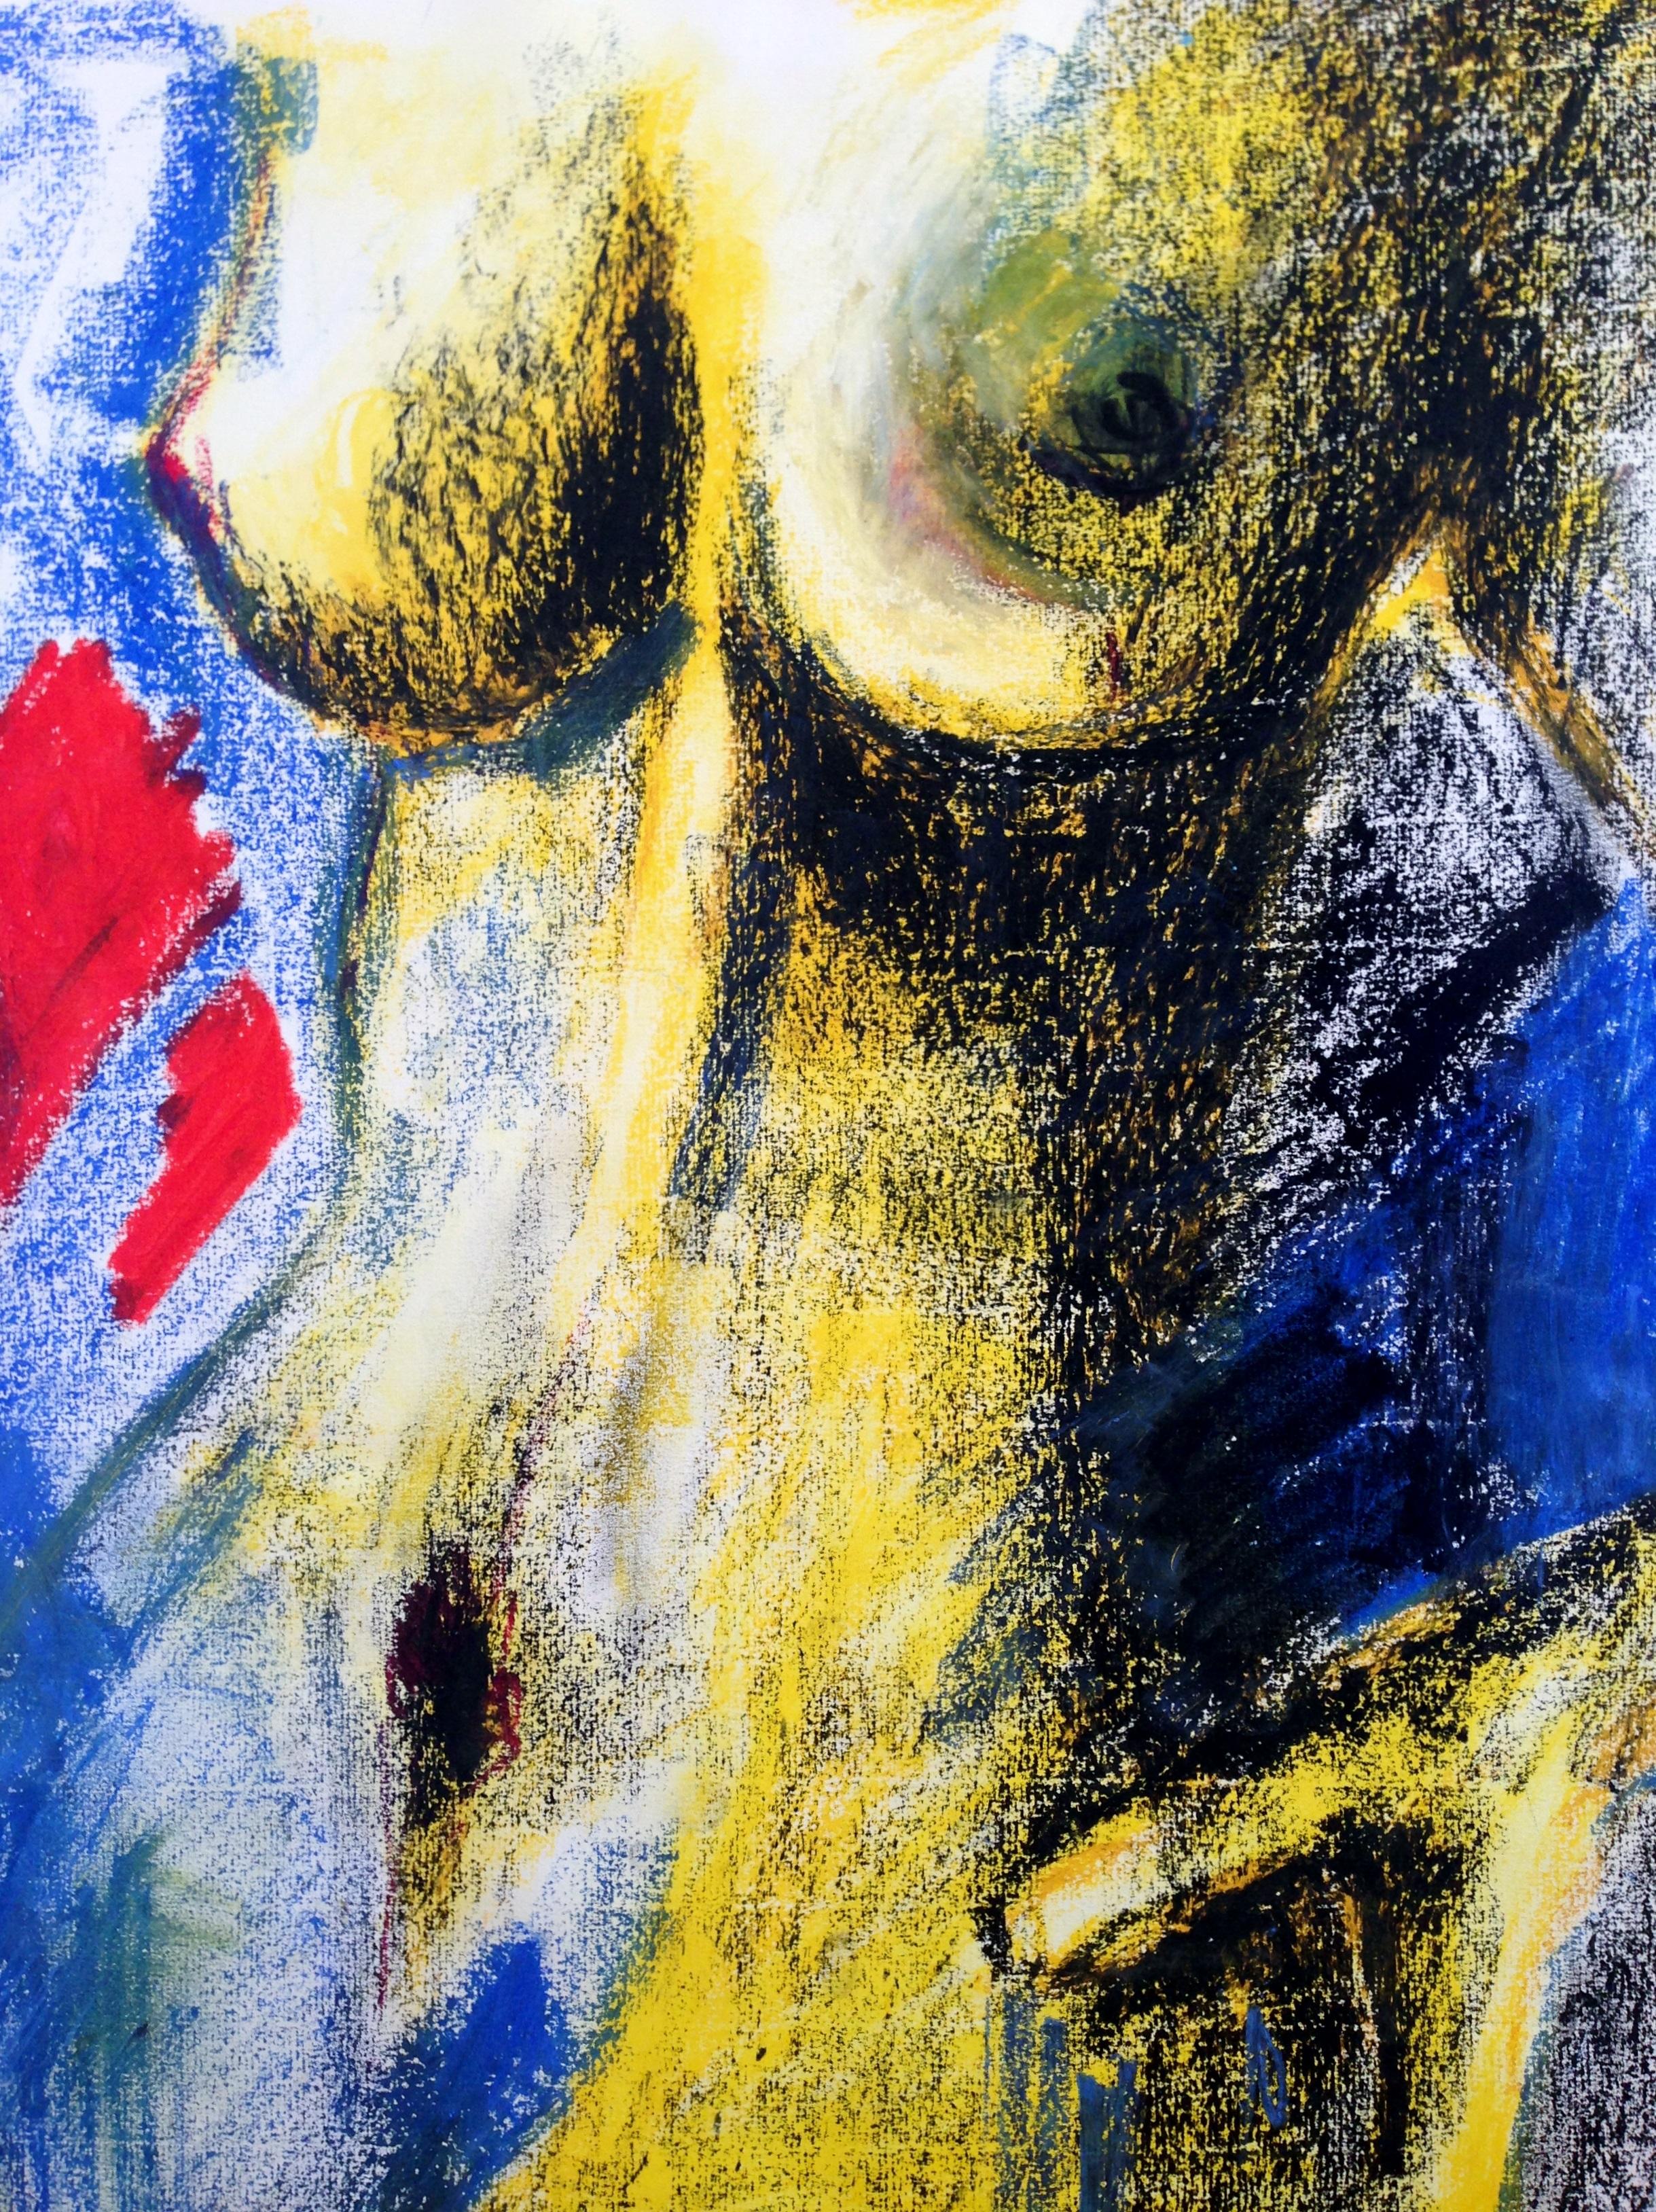 Rouge_et_bleu_70x50_2004